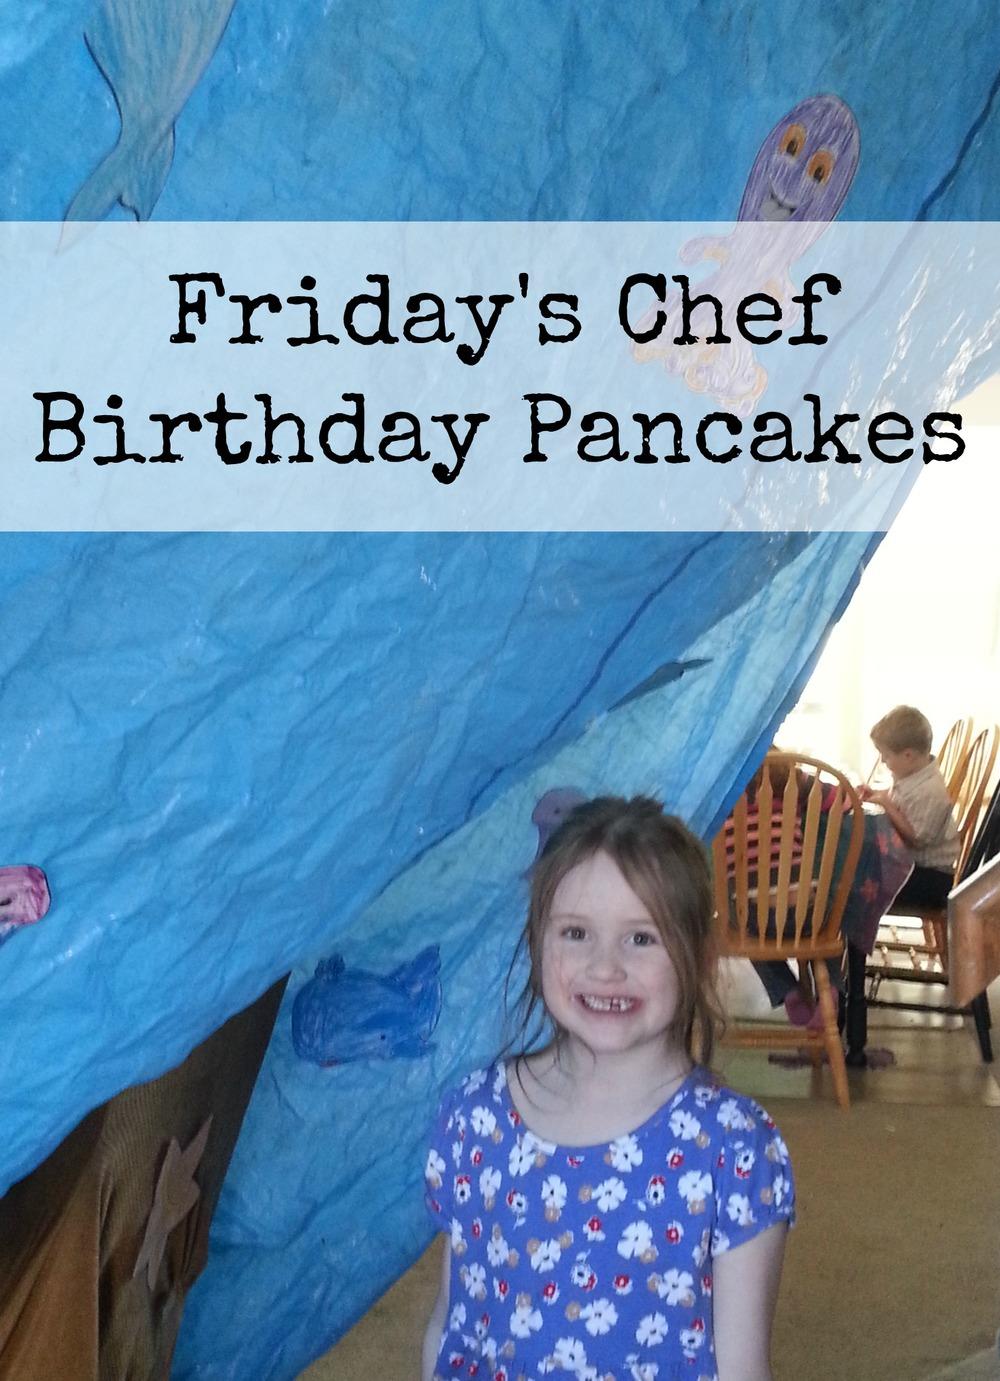 Fridayschefbirthdaypancakes